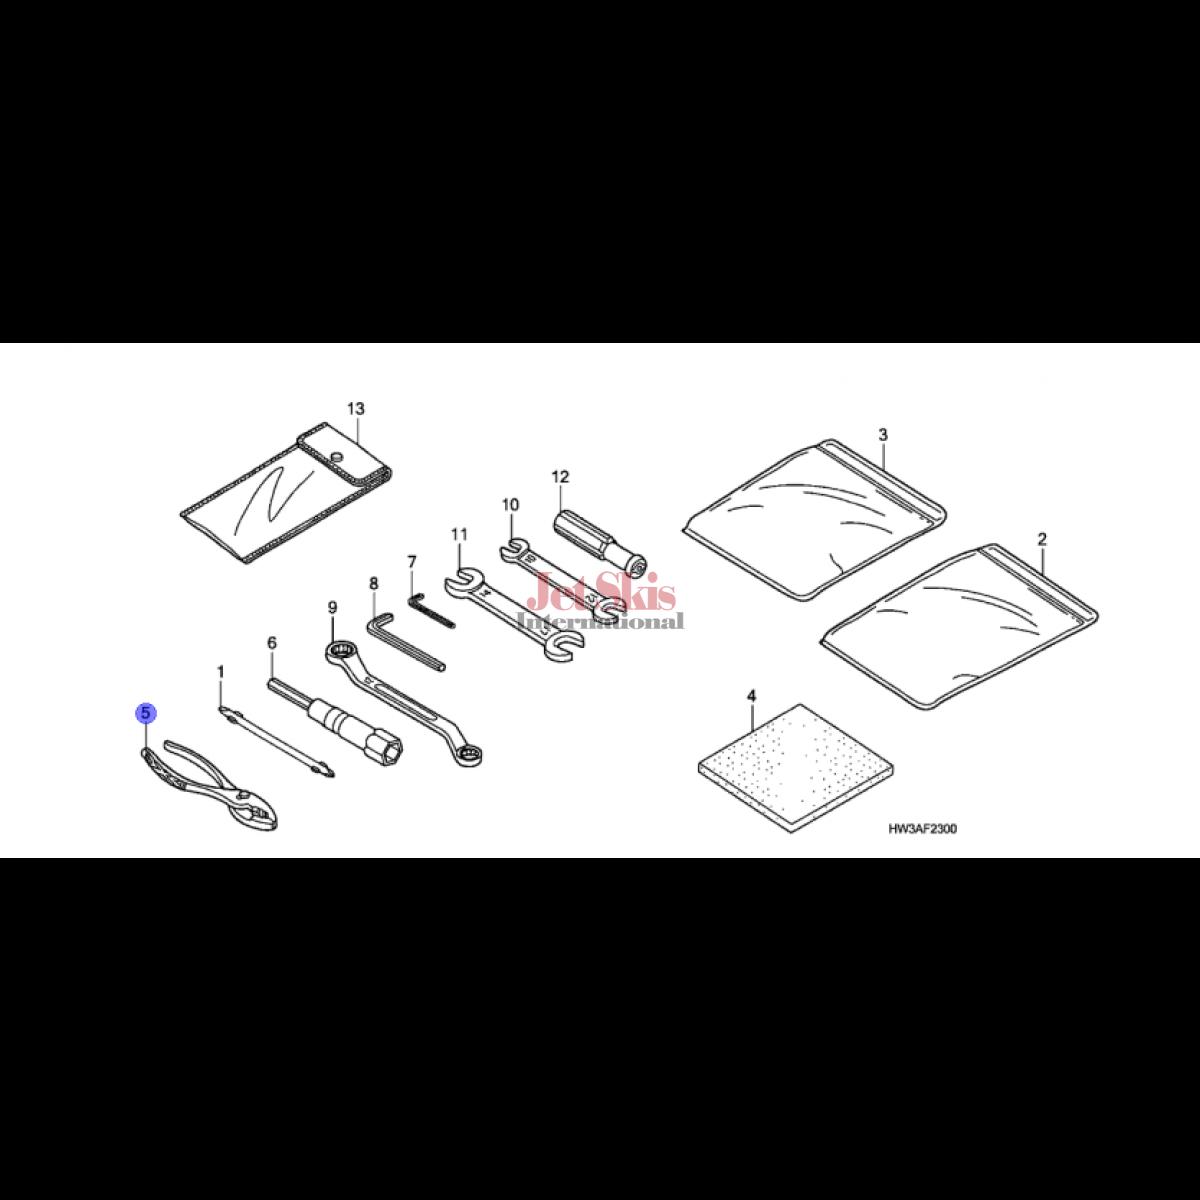 sea doo parts finder  diagrams  wiring diagram images